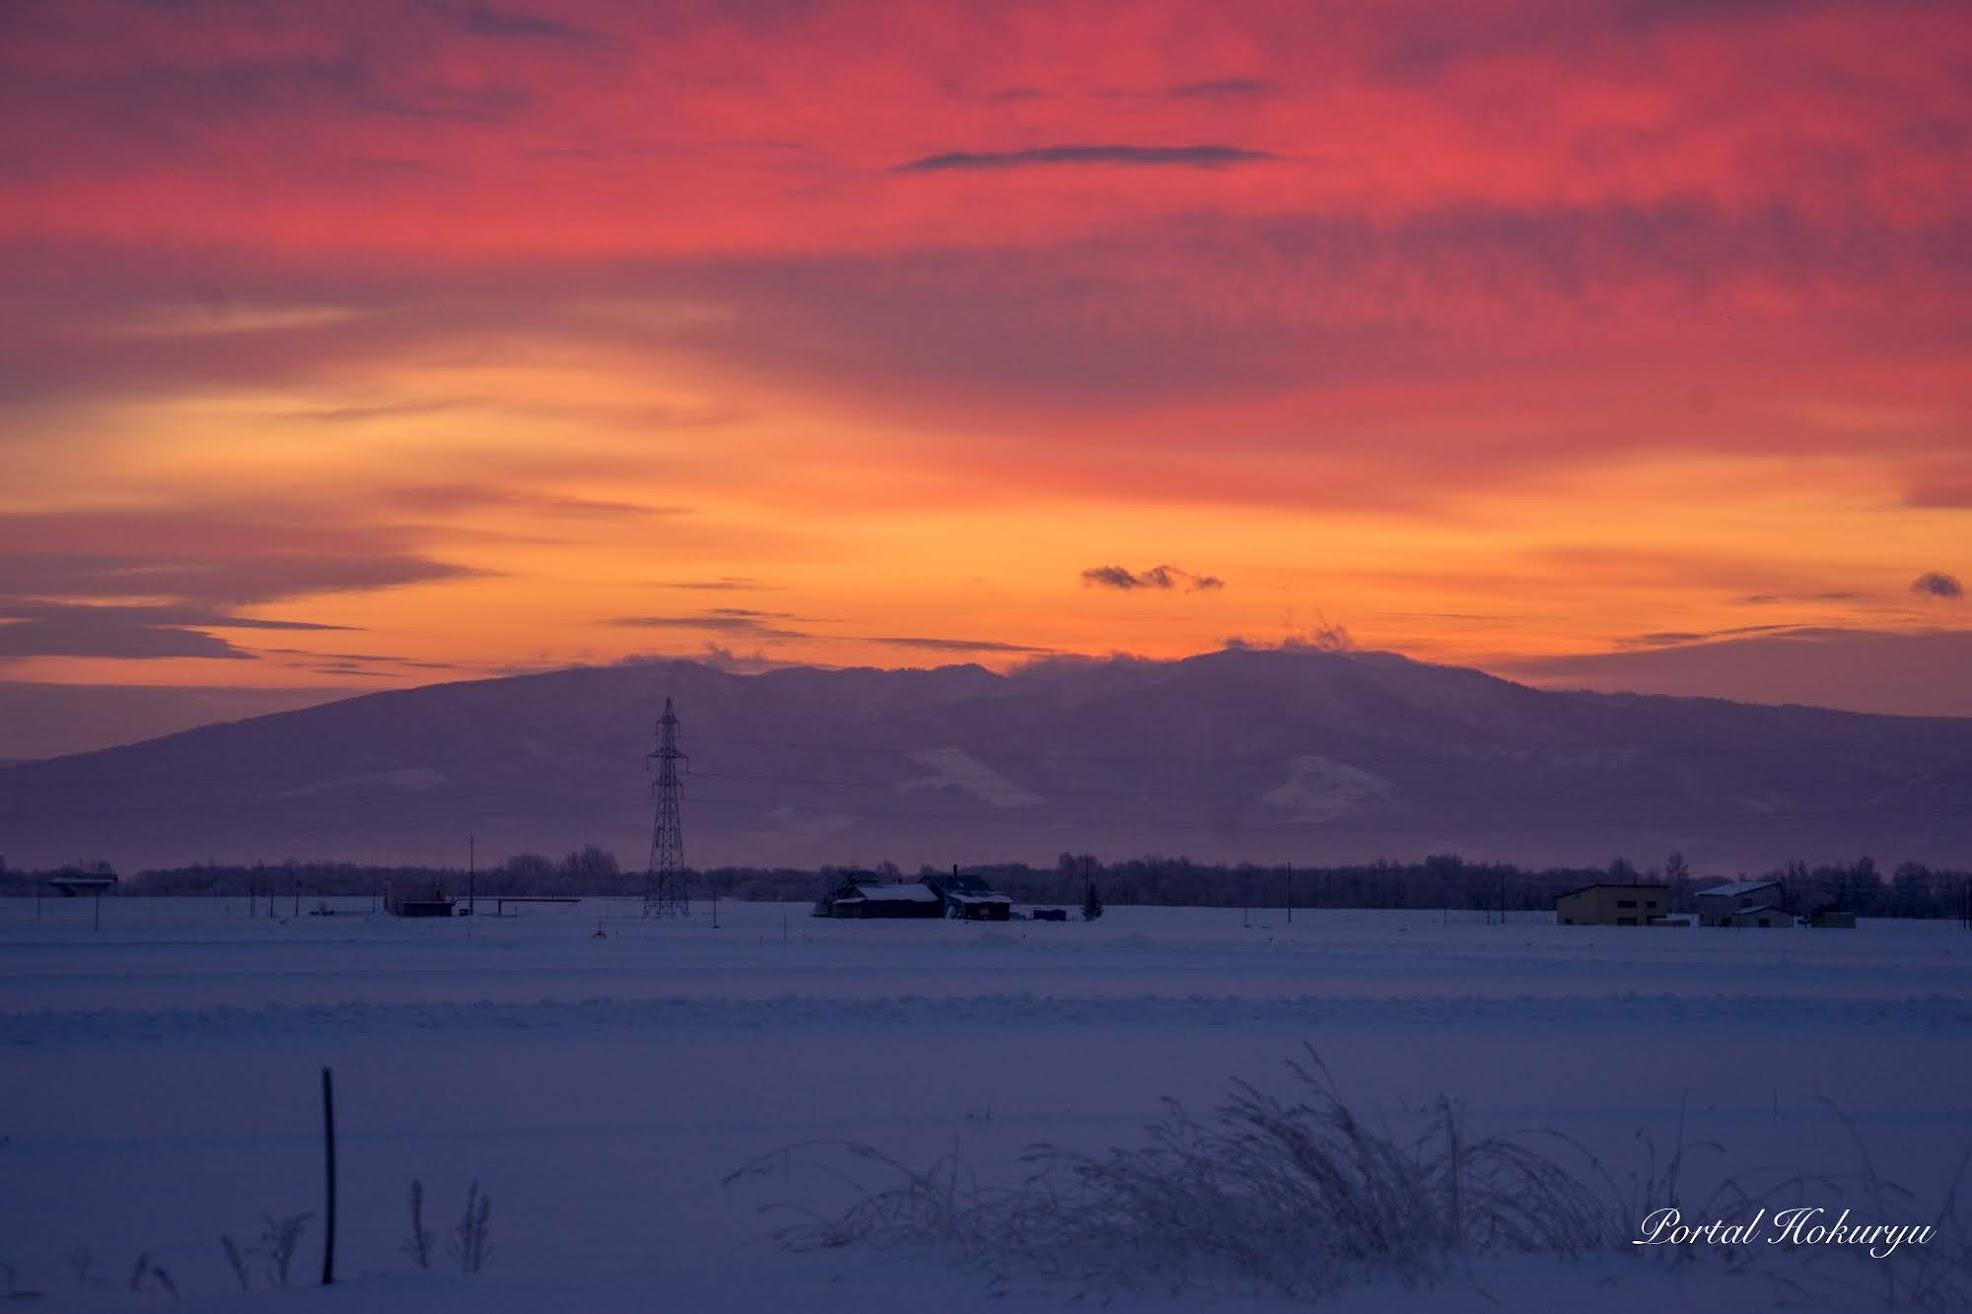 オレンジ色に染まる冬空模様